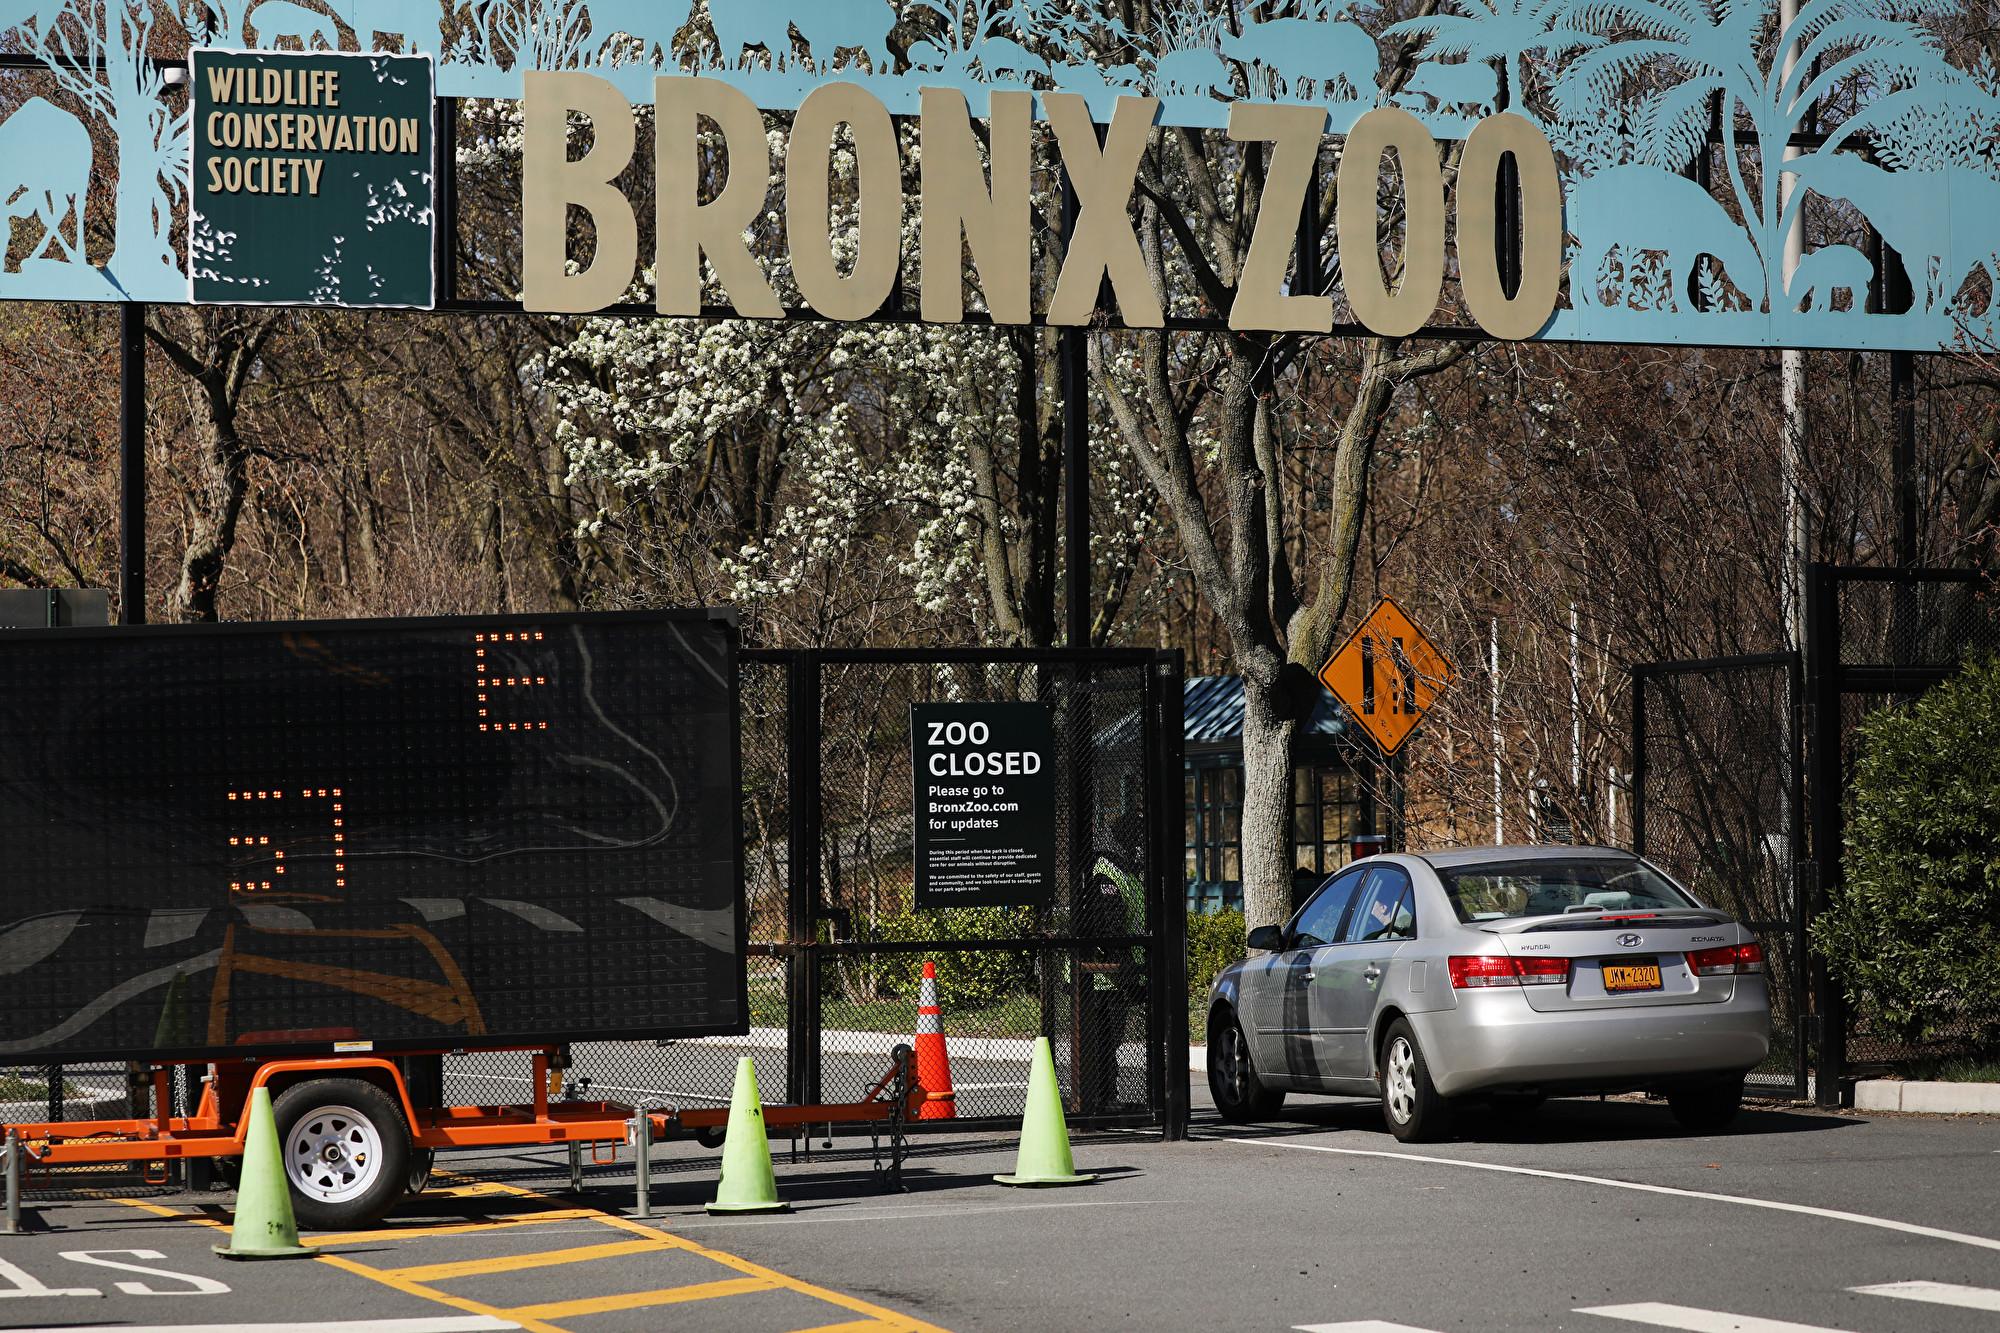 紐約八隻虎獅染疫 二家貓也現中共肺炎症狀